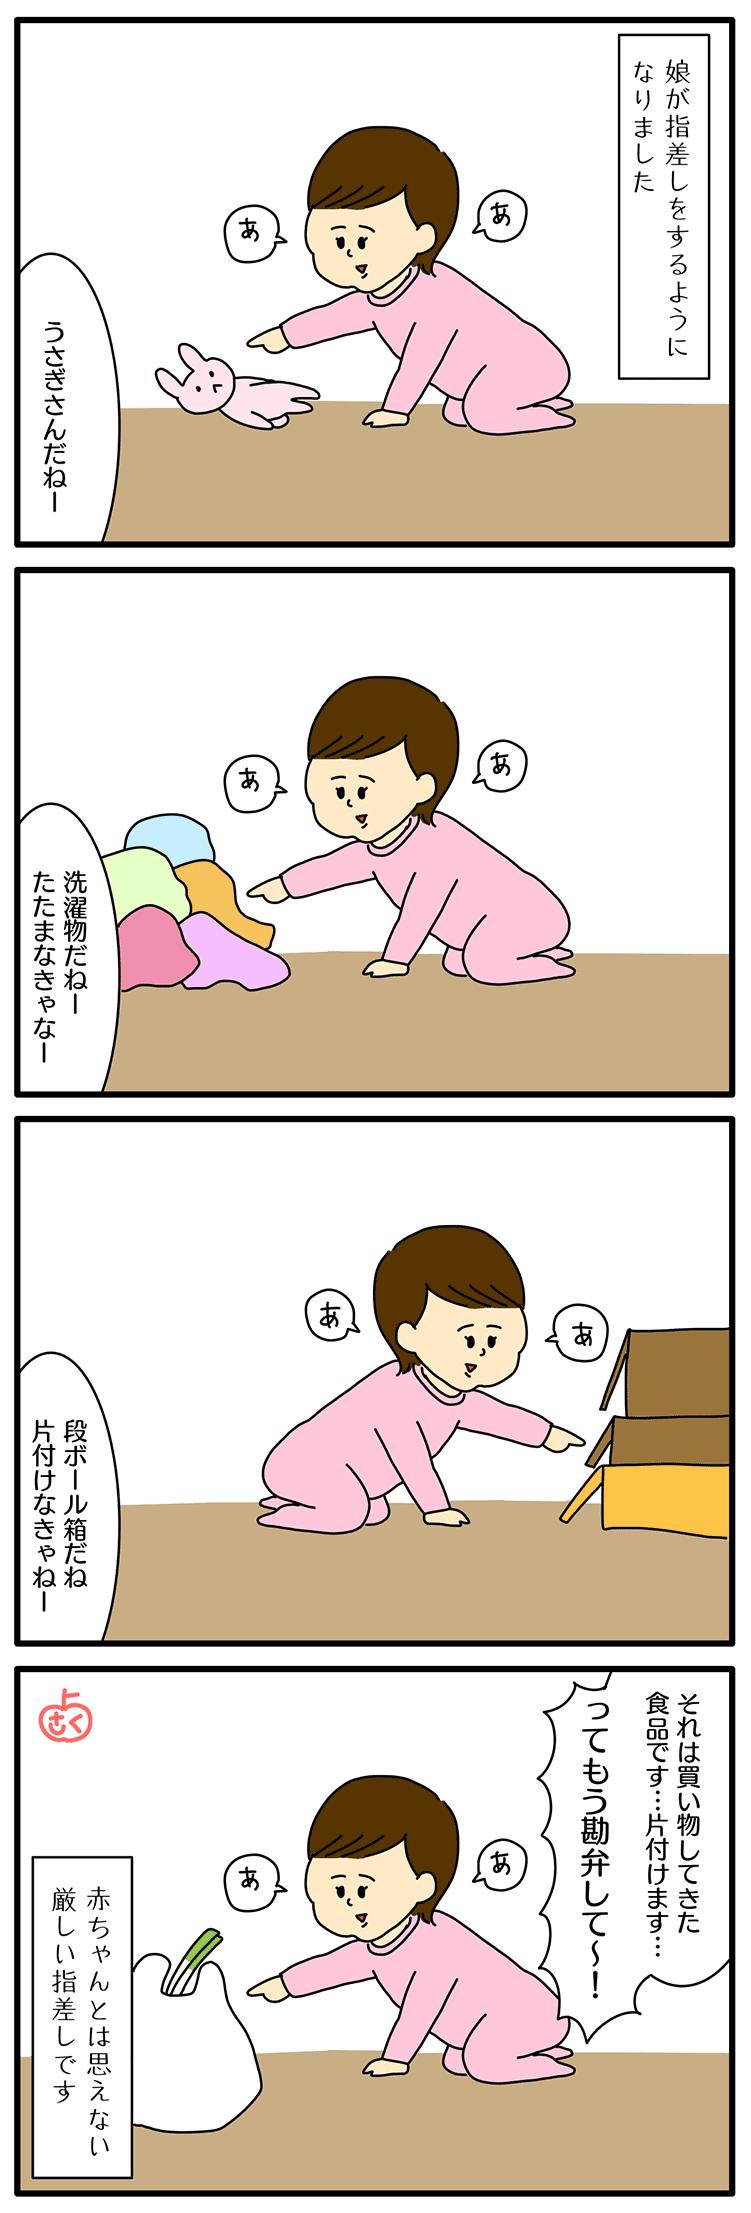 赤ちゃんの指差しについての永岡さくら(saku)さんの子育て4コマ漫画